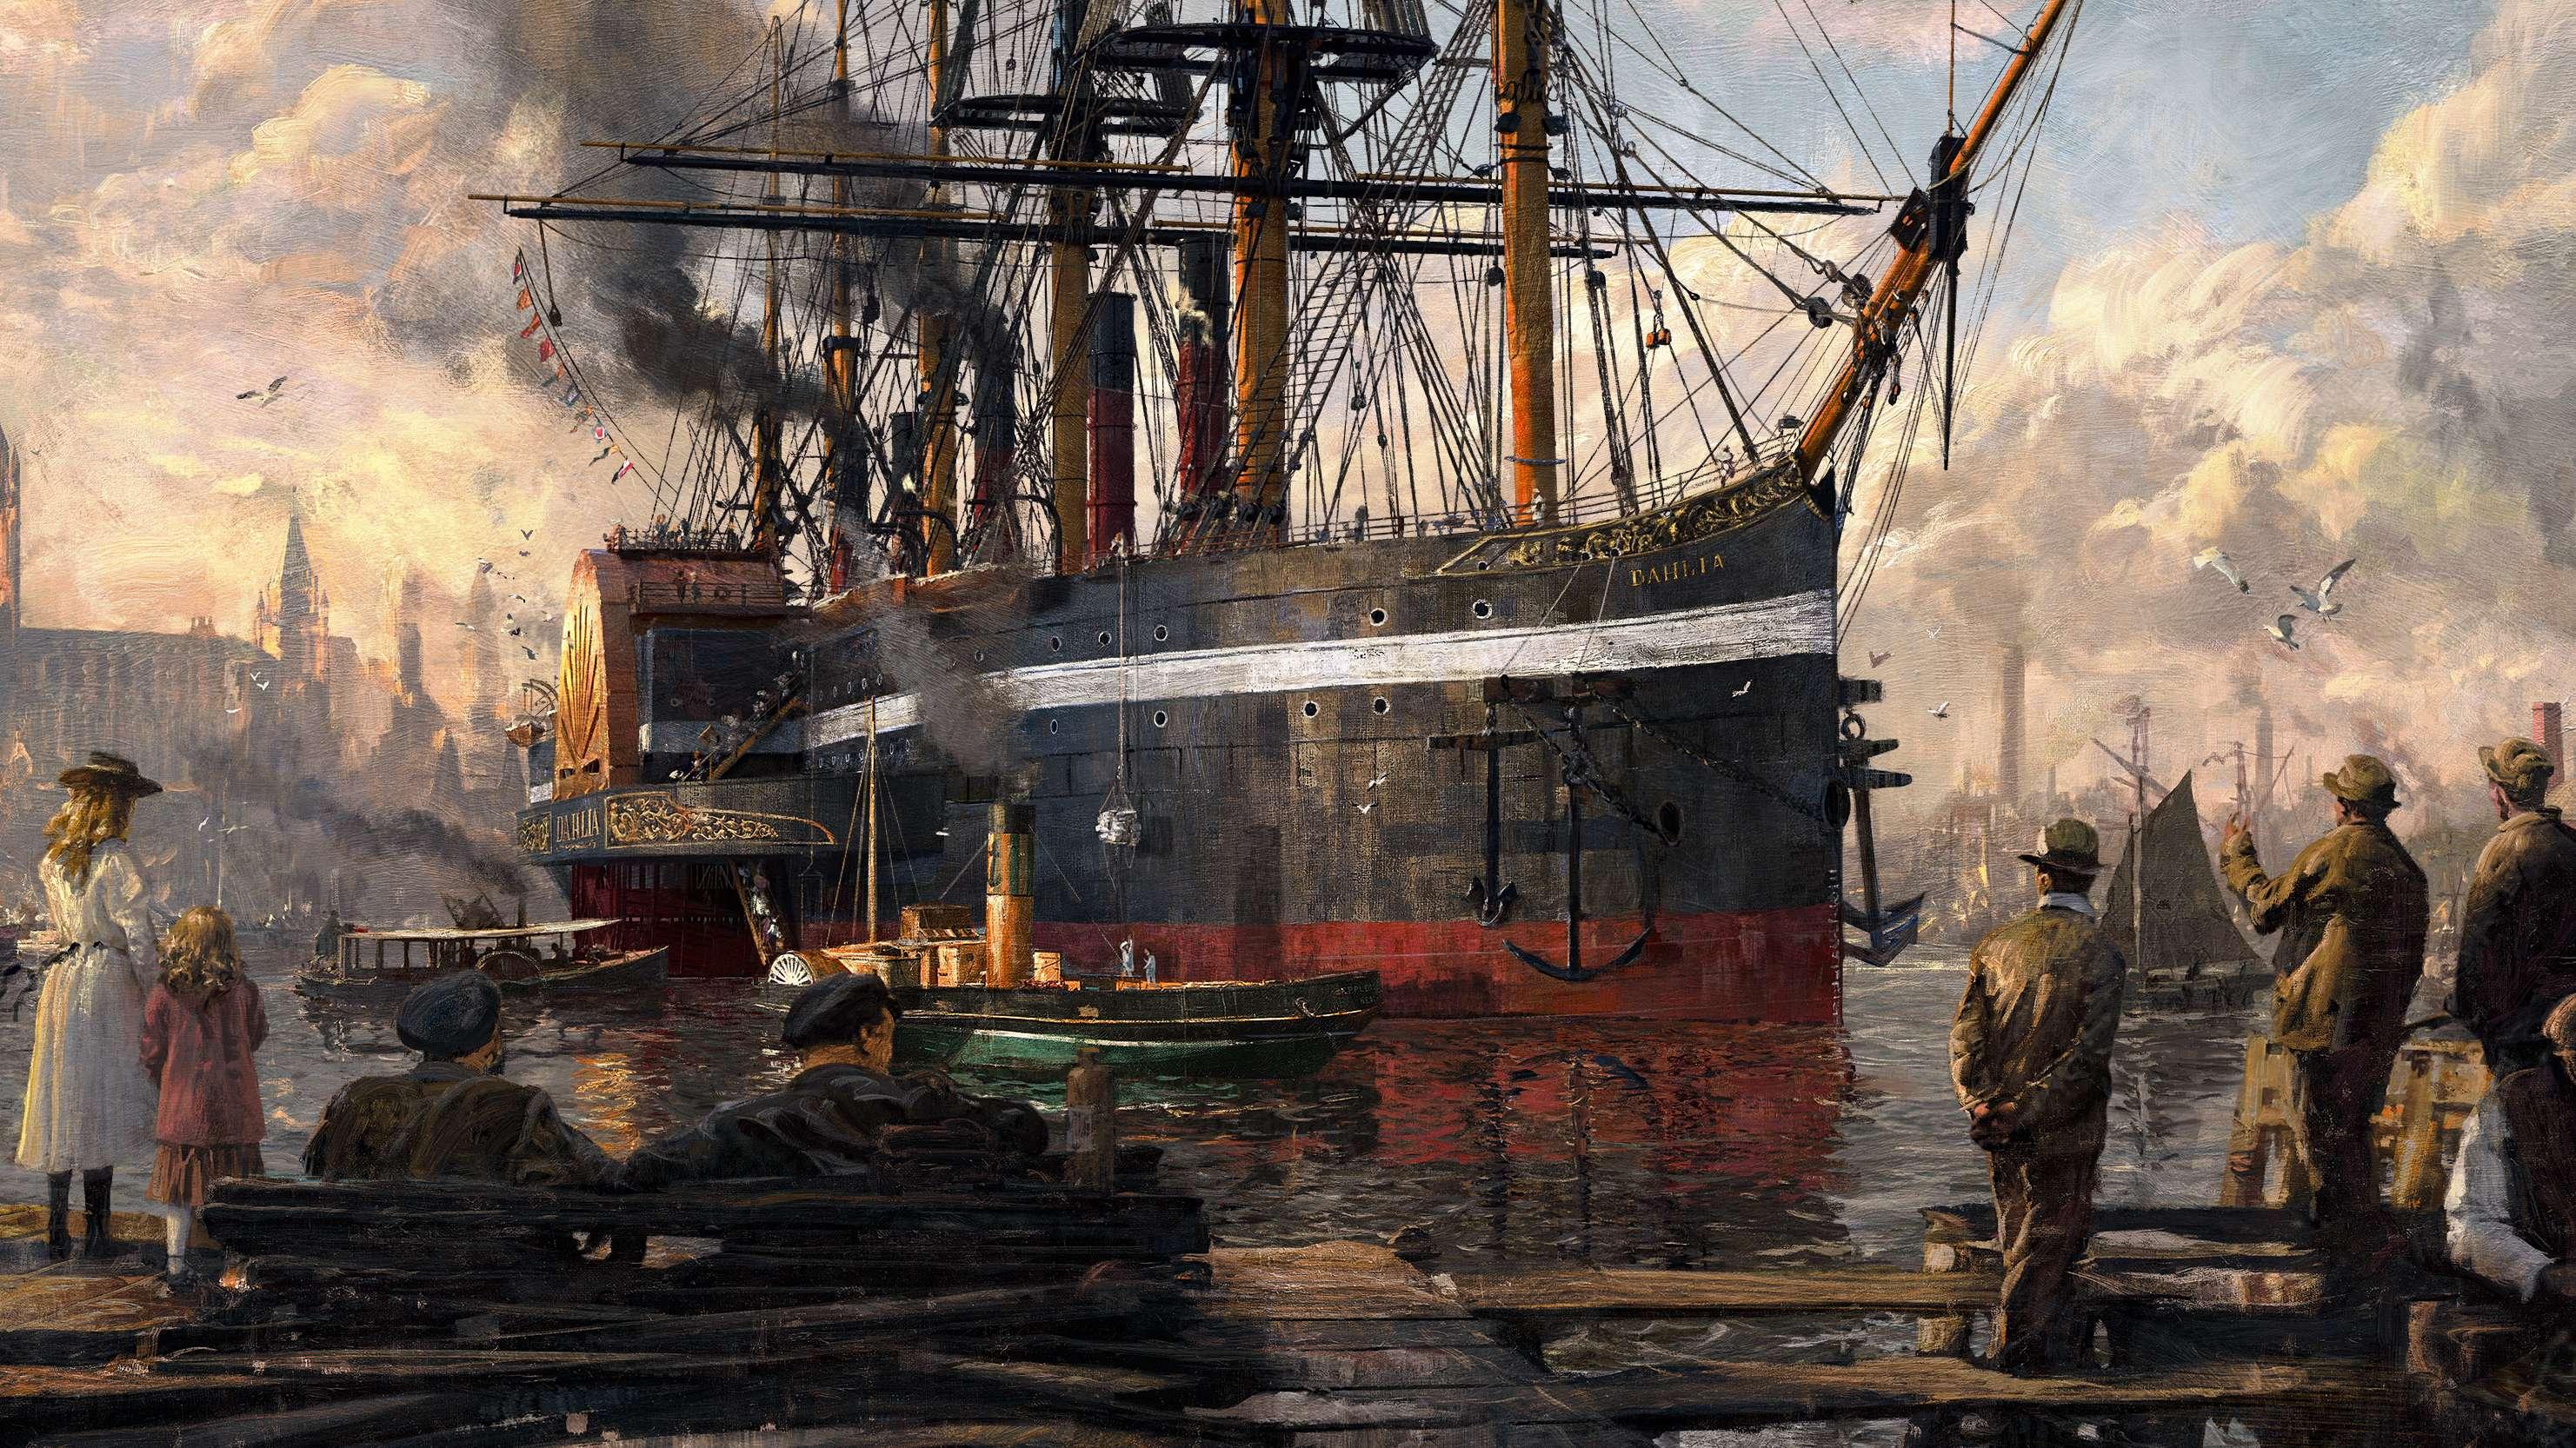 Ein riesiger Dampfer fährt in einen Hafen ein. Am Pier steht eine junge Mutter mit ihrem Kind und drei Männer in Arbeitskleidung.